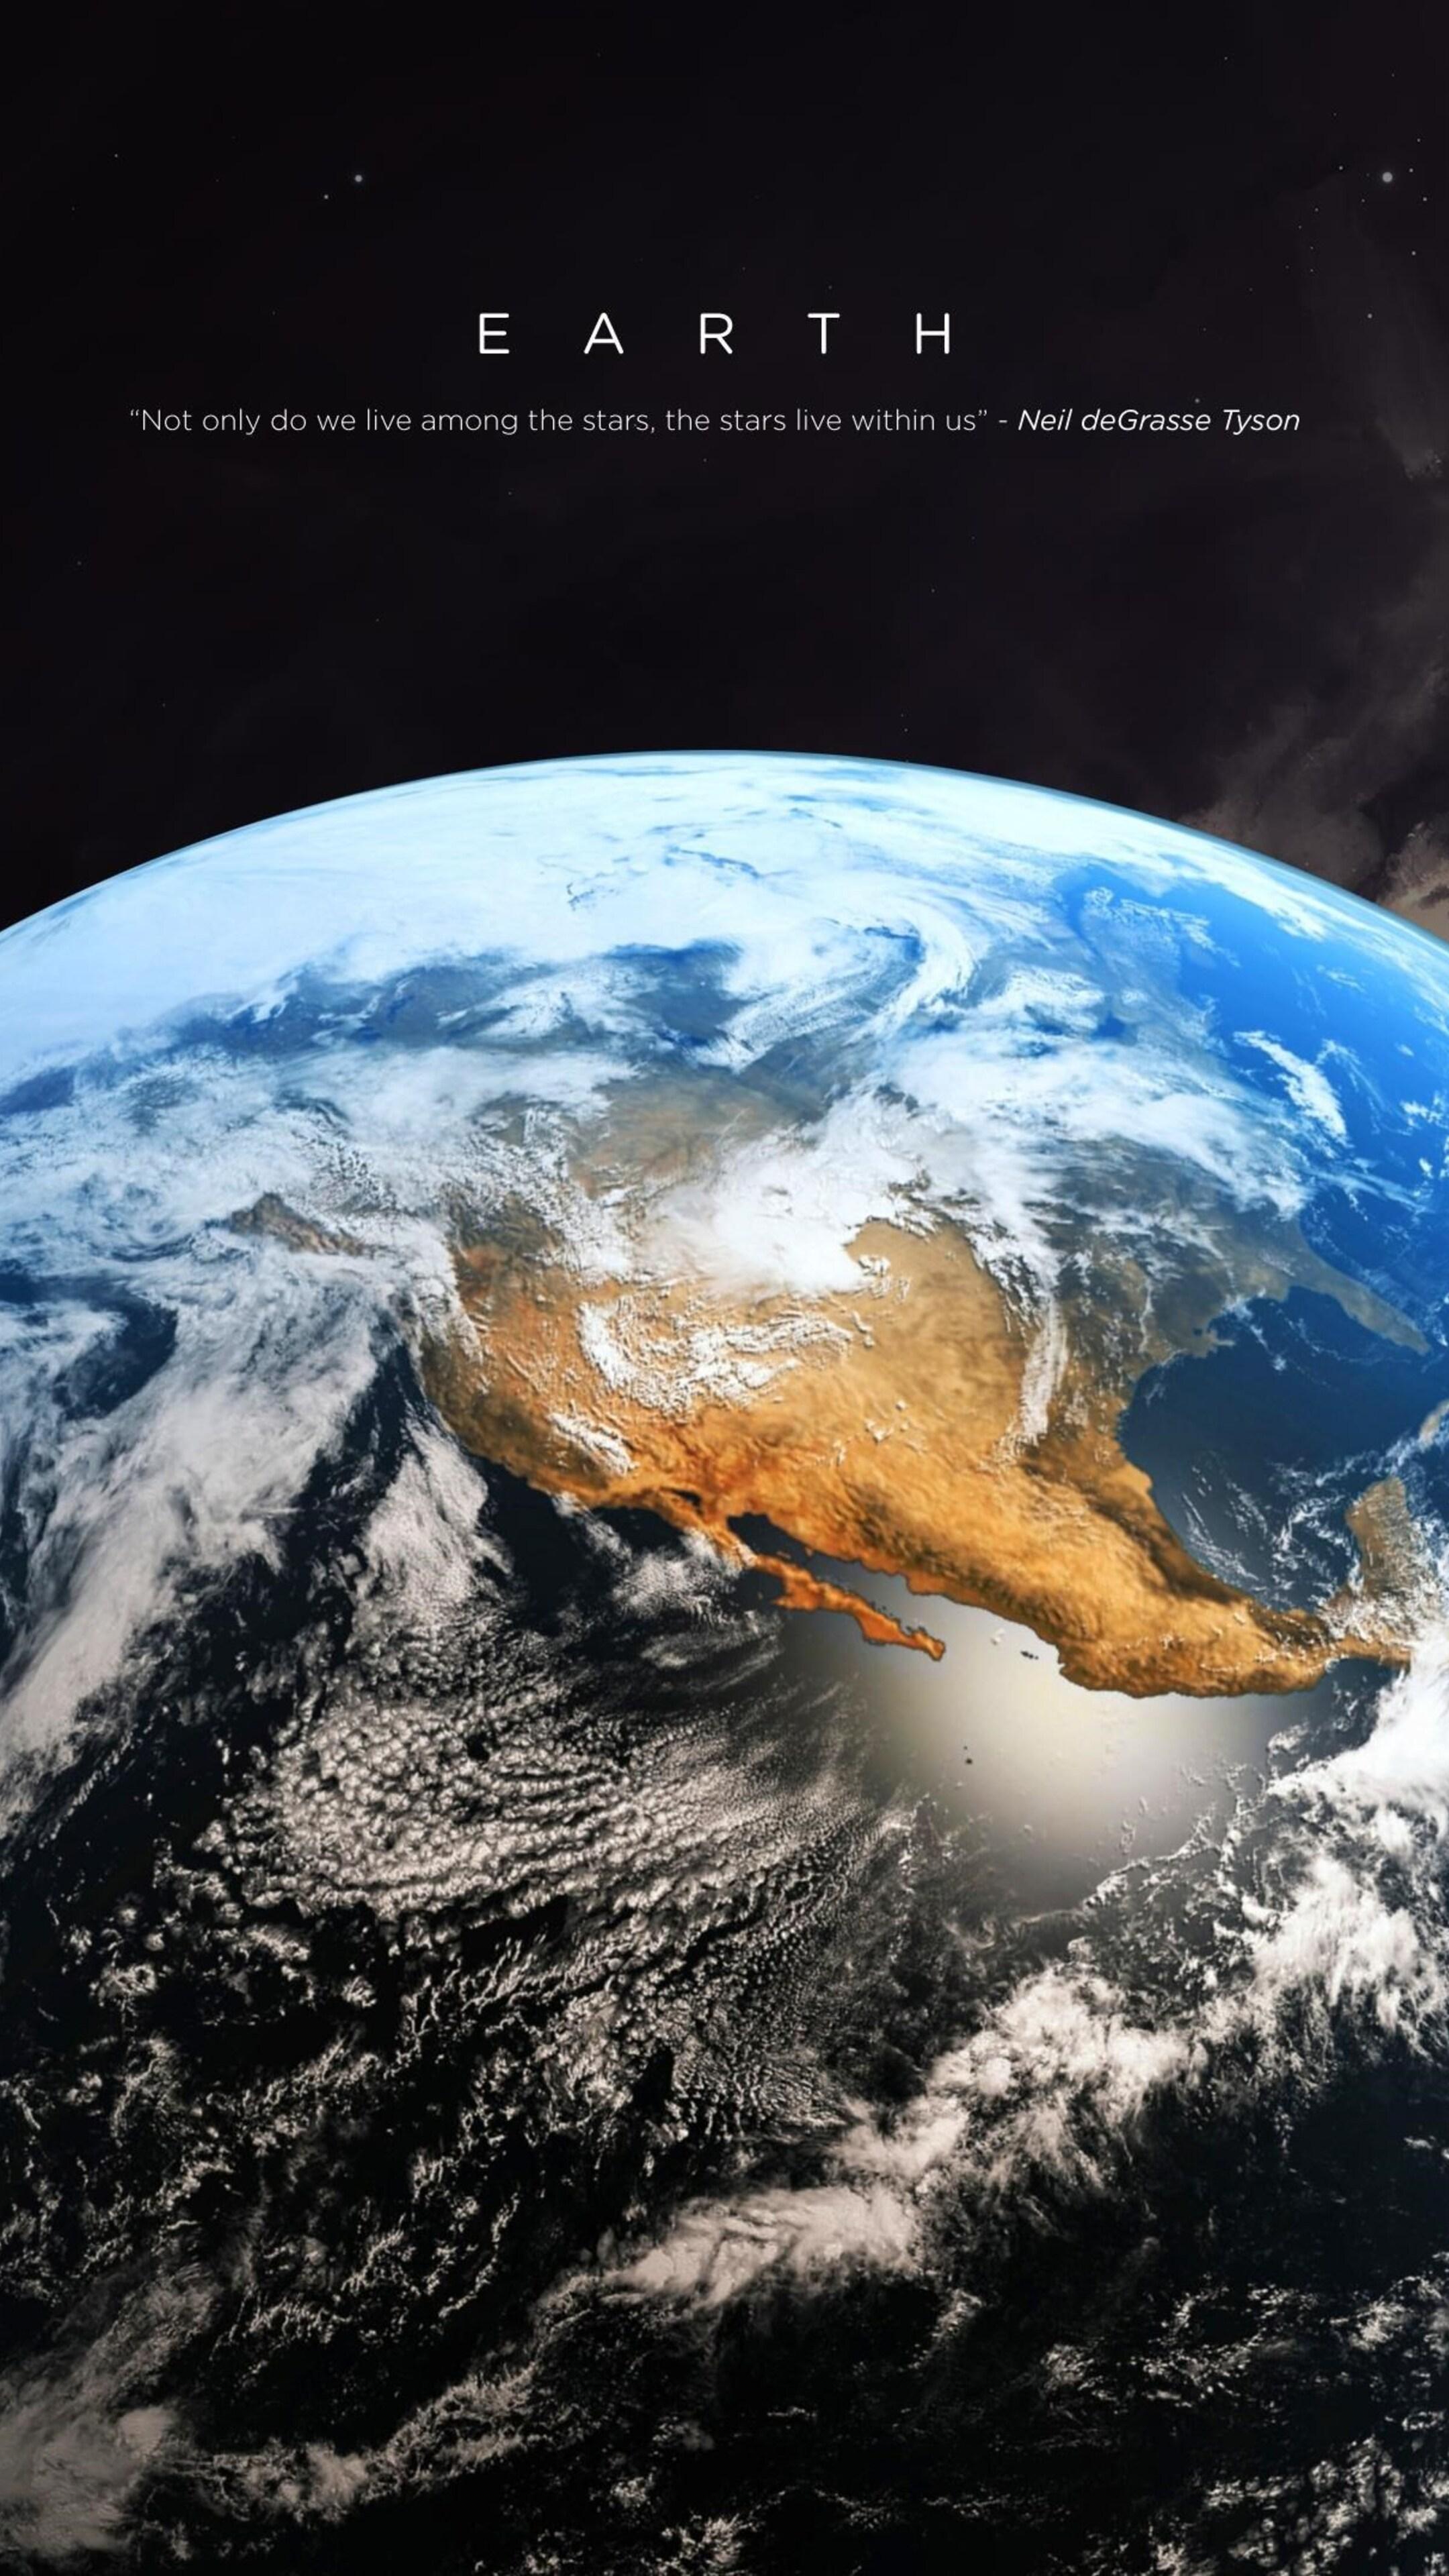 earth-hd.jpg